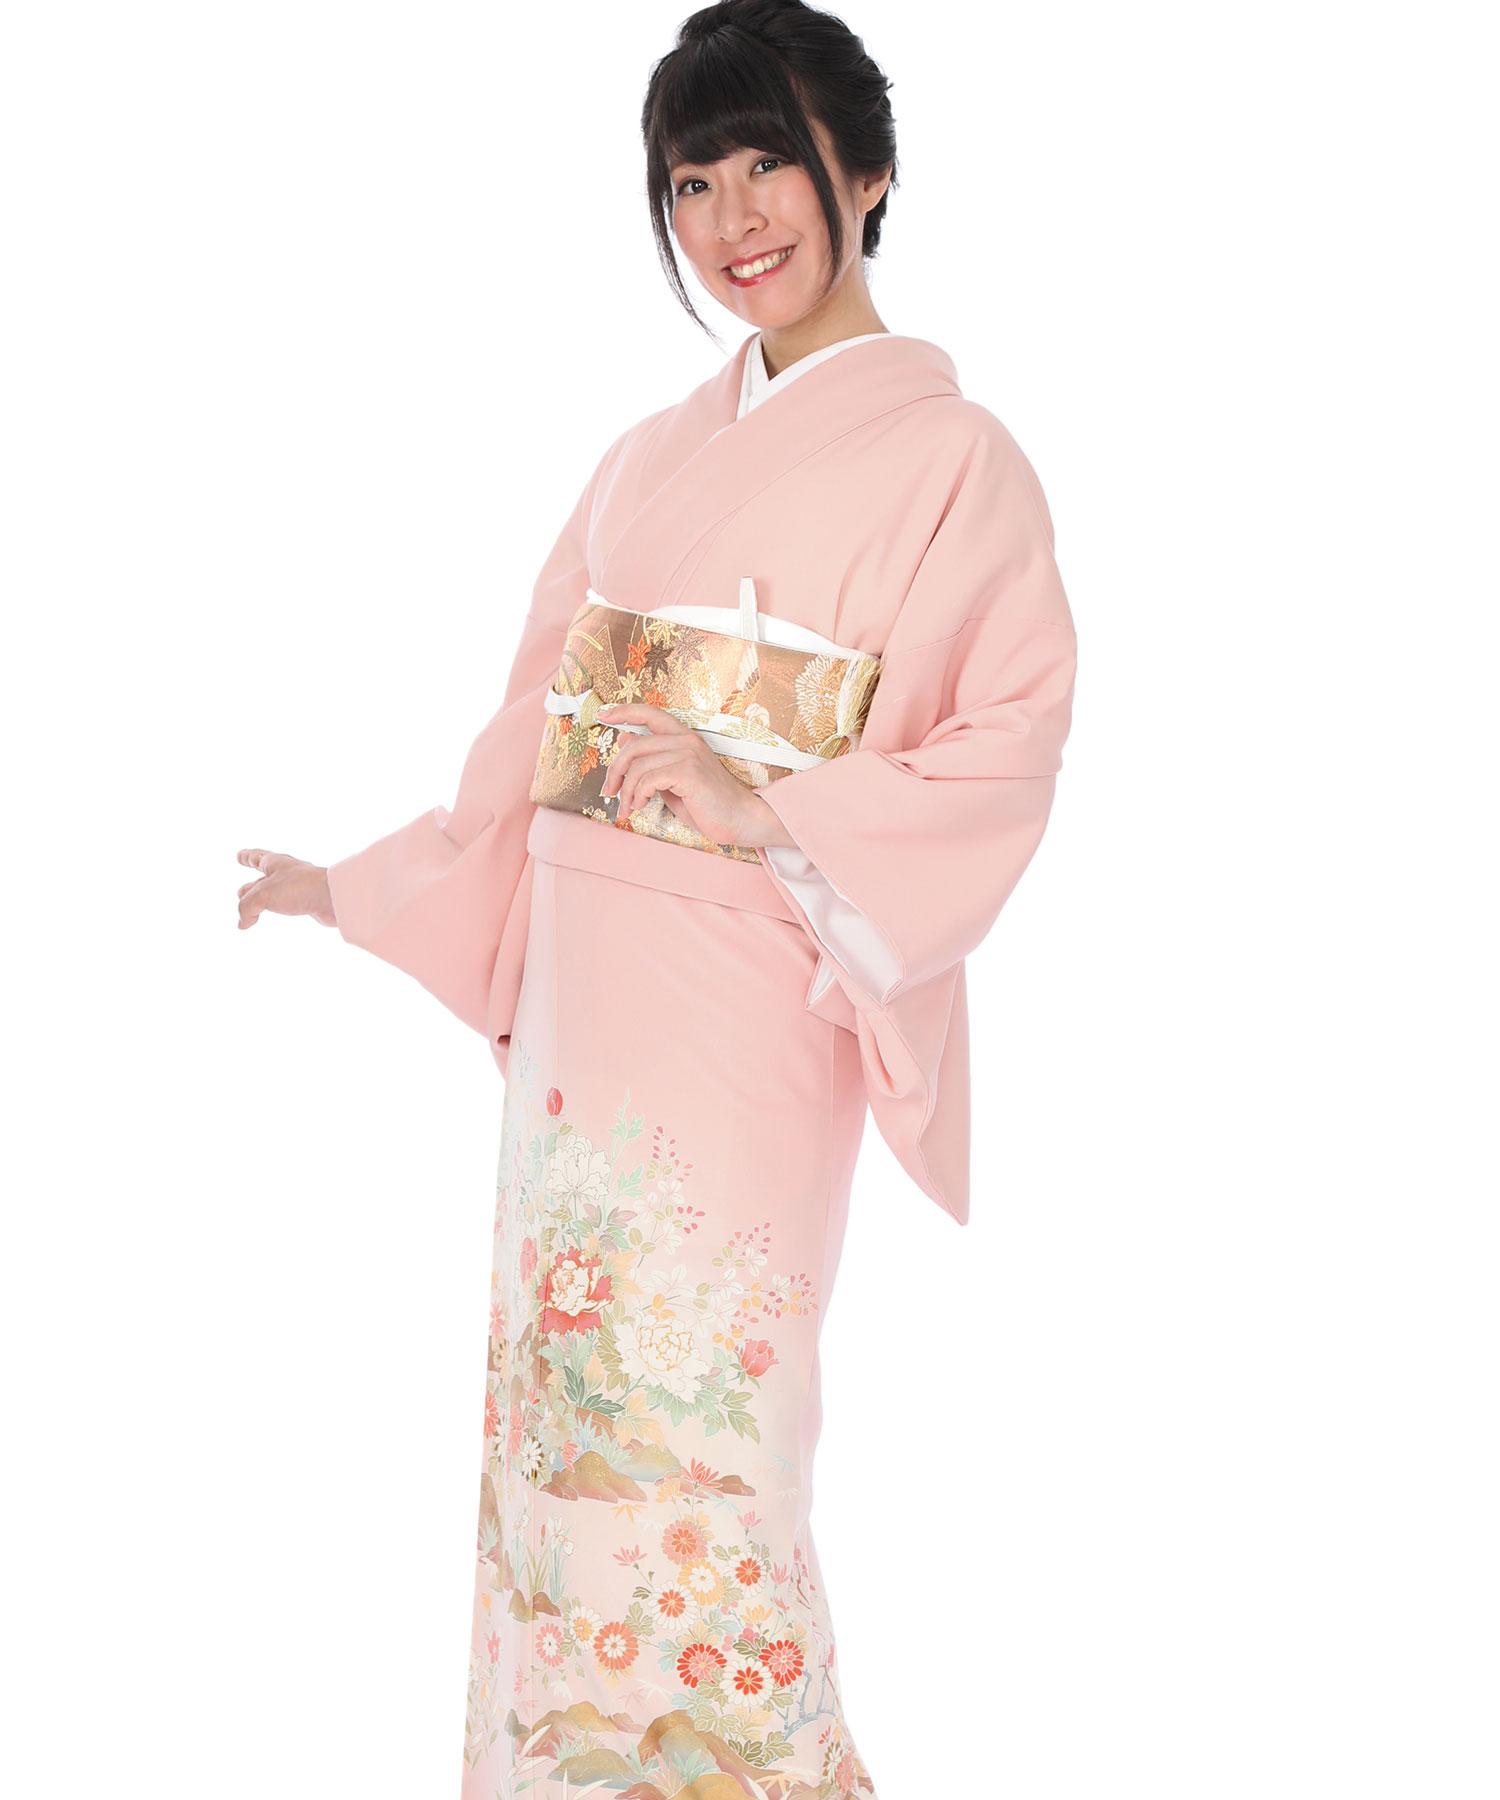 色留袖レンタル|ピンク色に四季草花